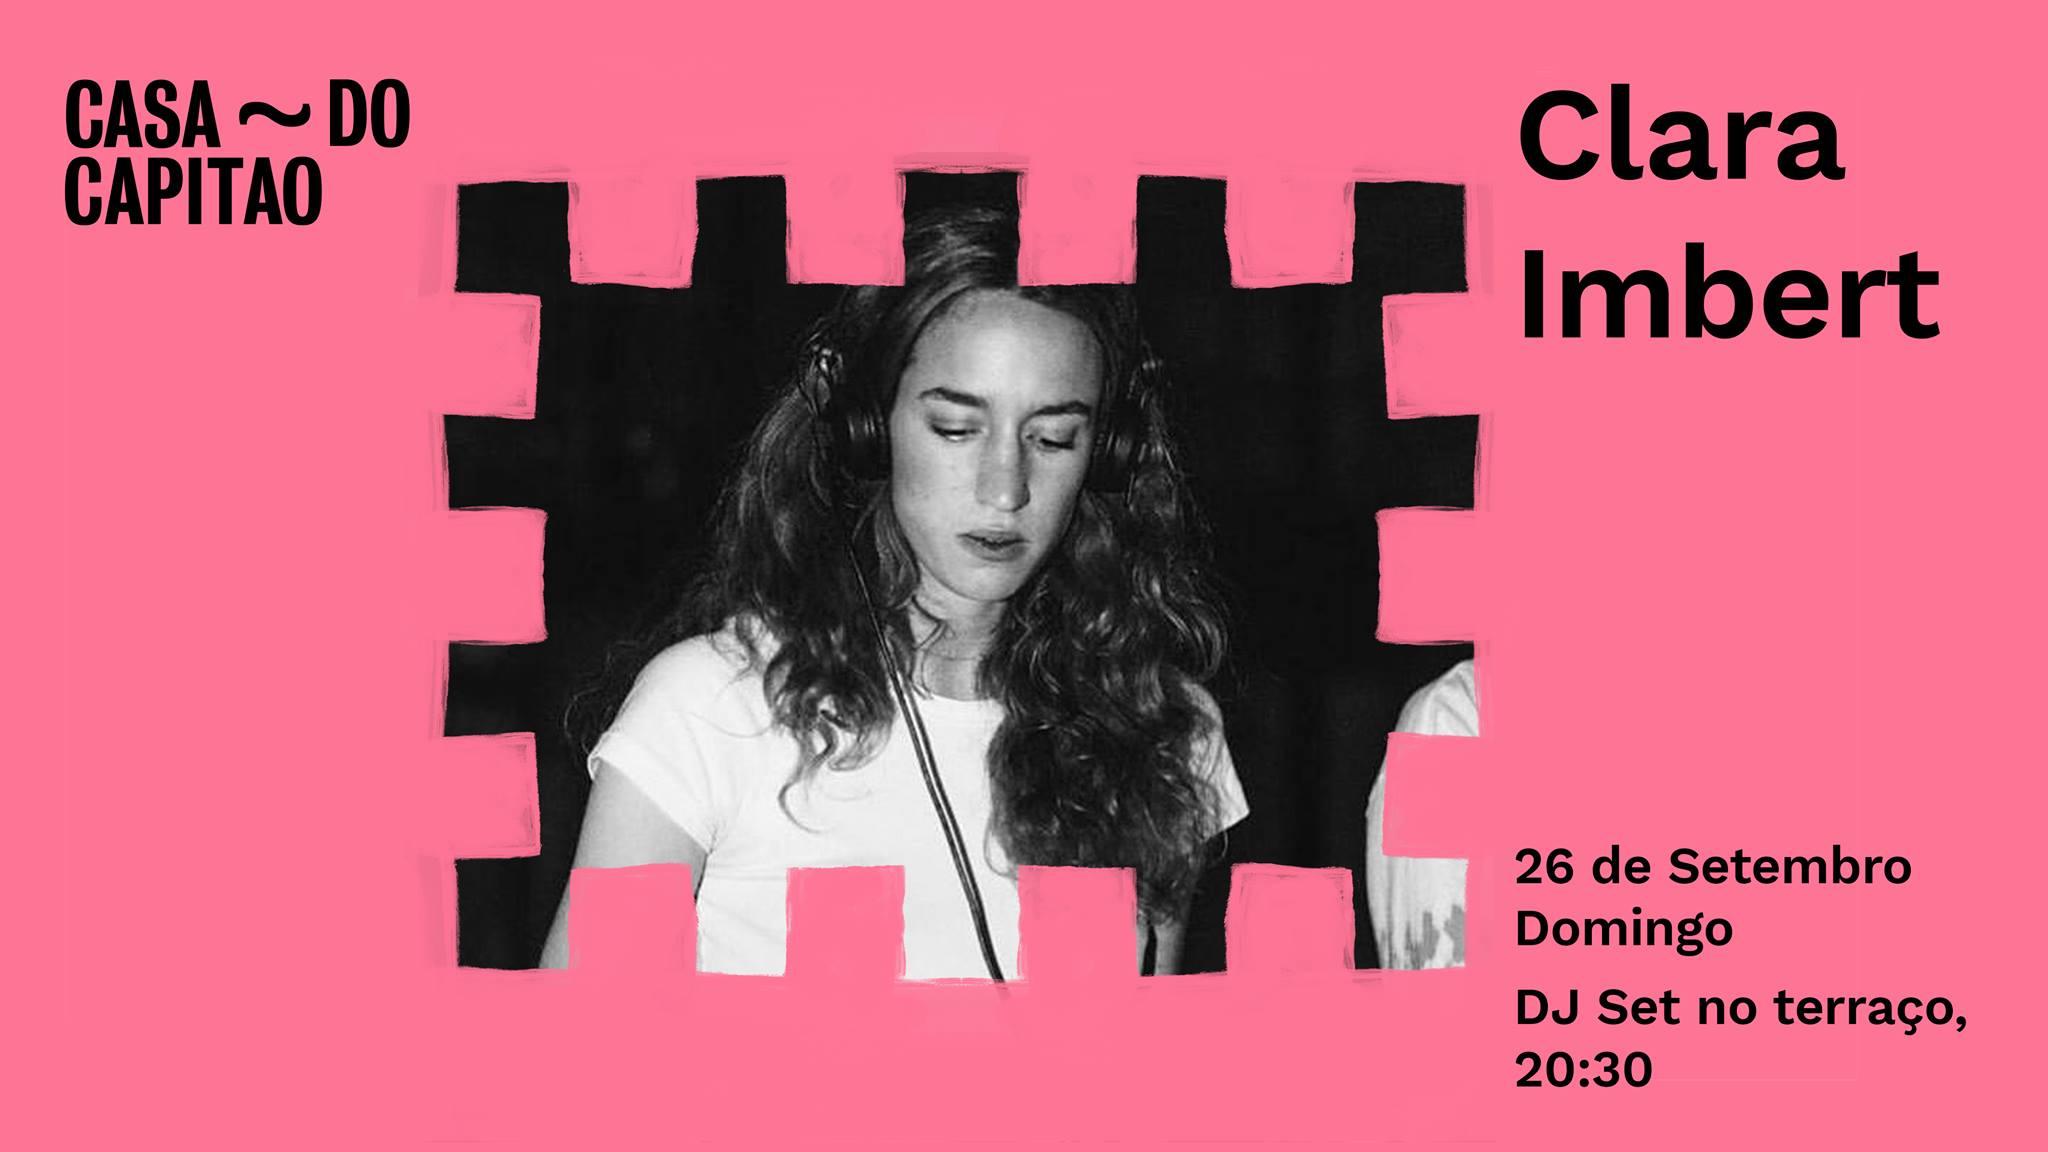 Clara Imbert • DJ Set no terraço